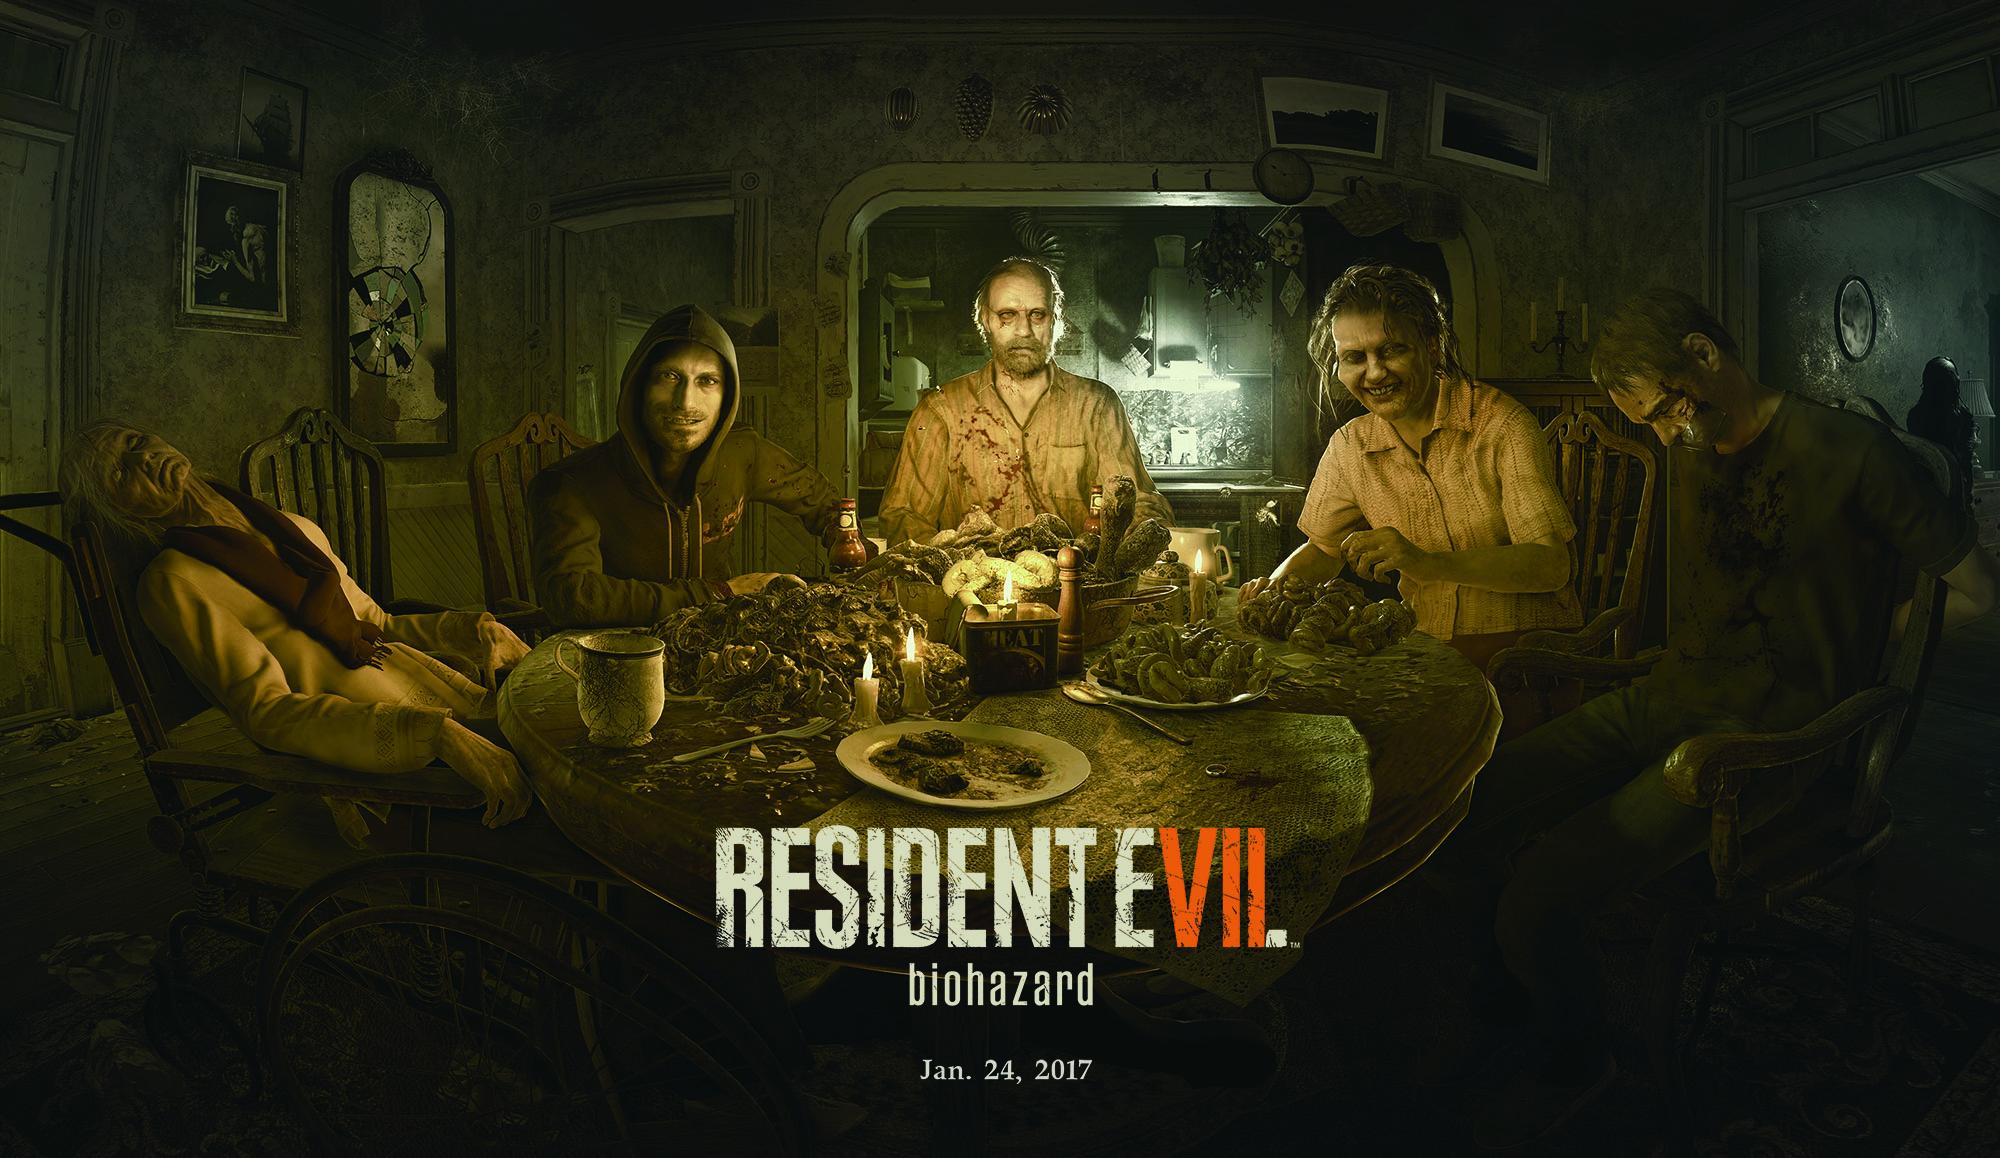 PS4 Pro, 4k, HDR im Test: Resident Evil 7 biohazard – Eine wütende Familie